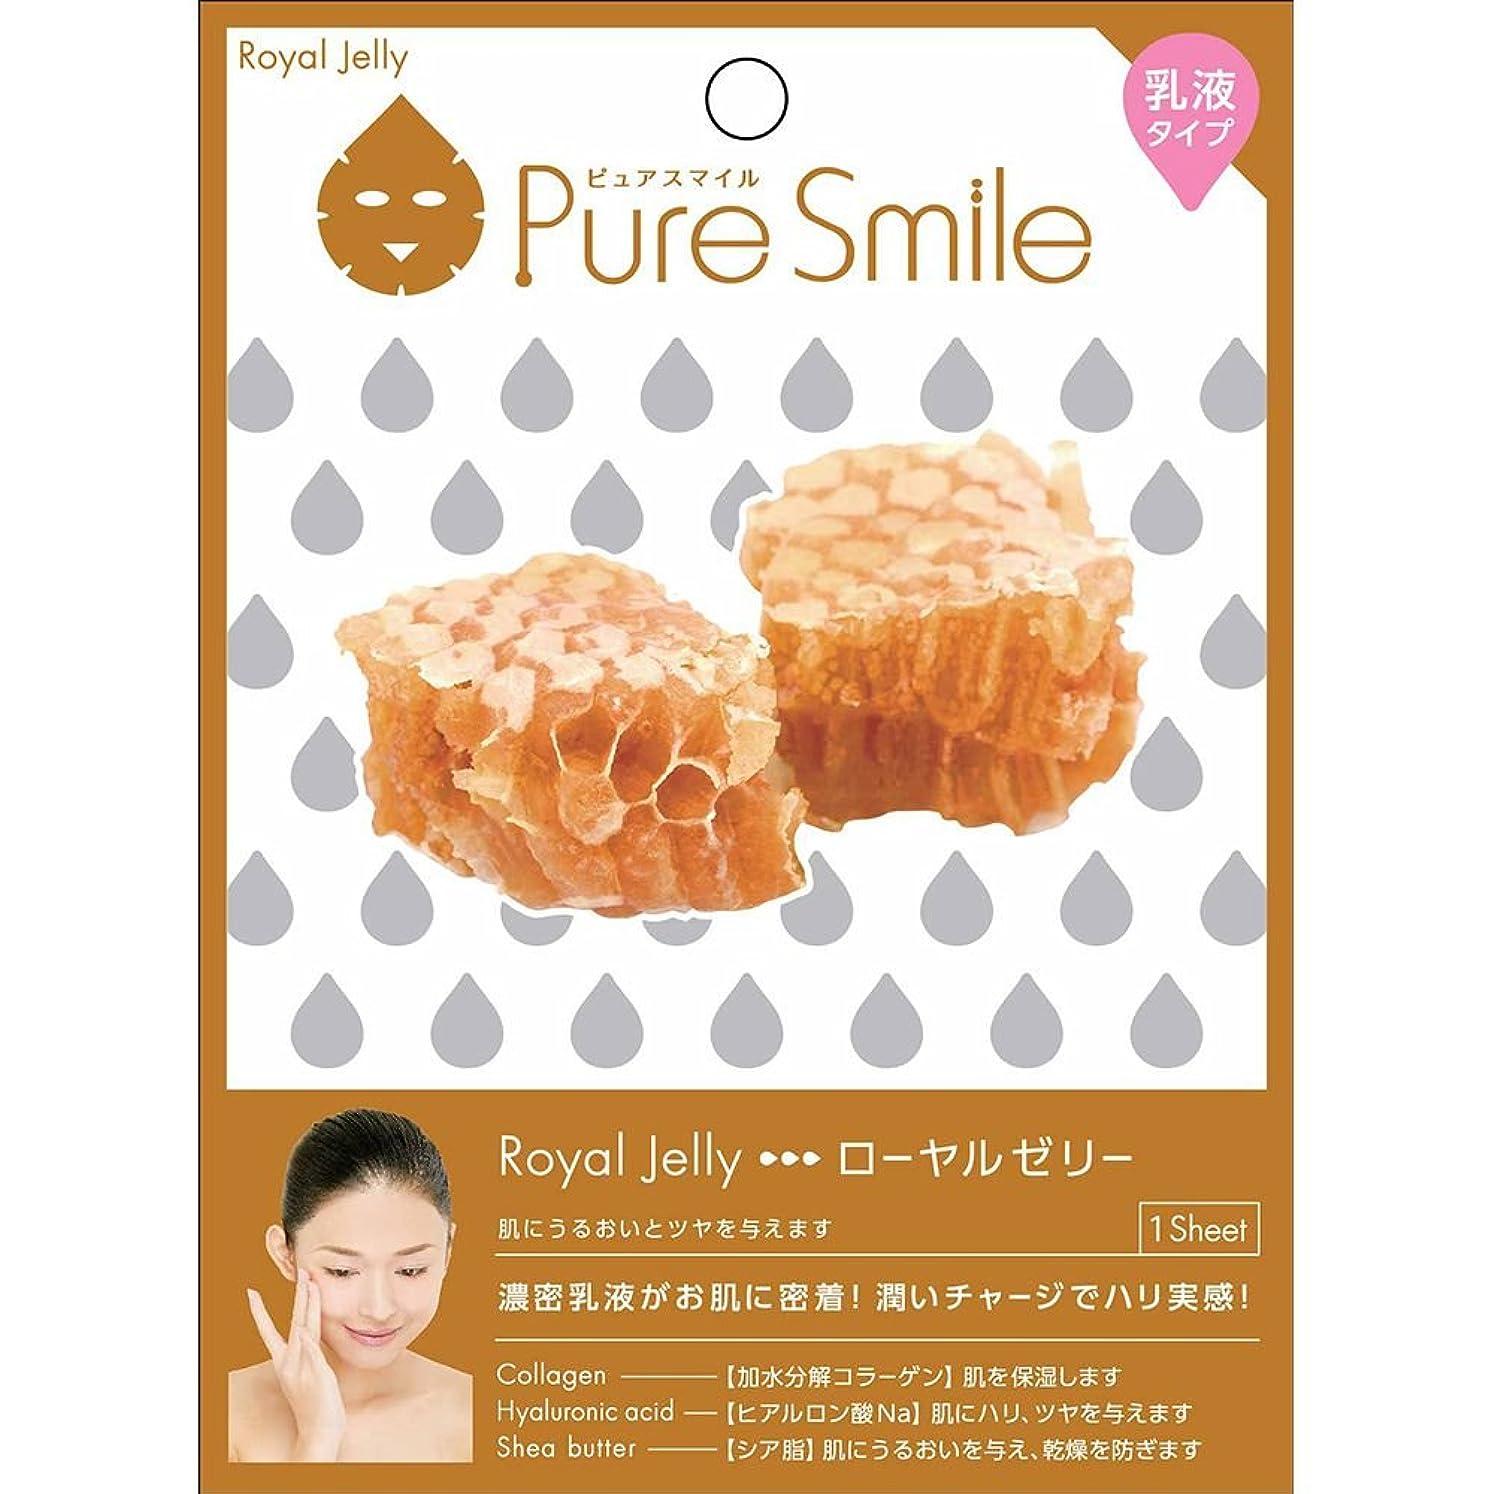 南アメリカ釈義書誌Pure Smile(ピュアスマイル) 乳液エッセンスマスク 1 枚 ローヤルゼリー